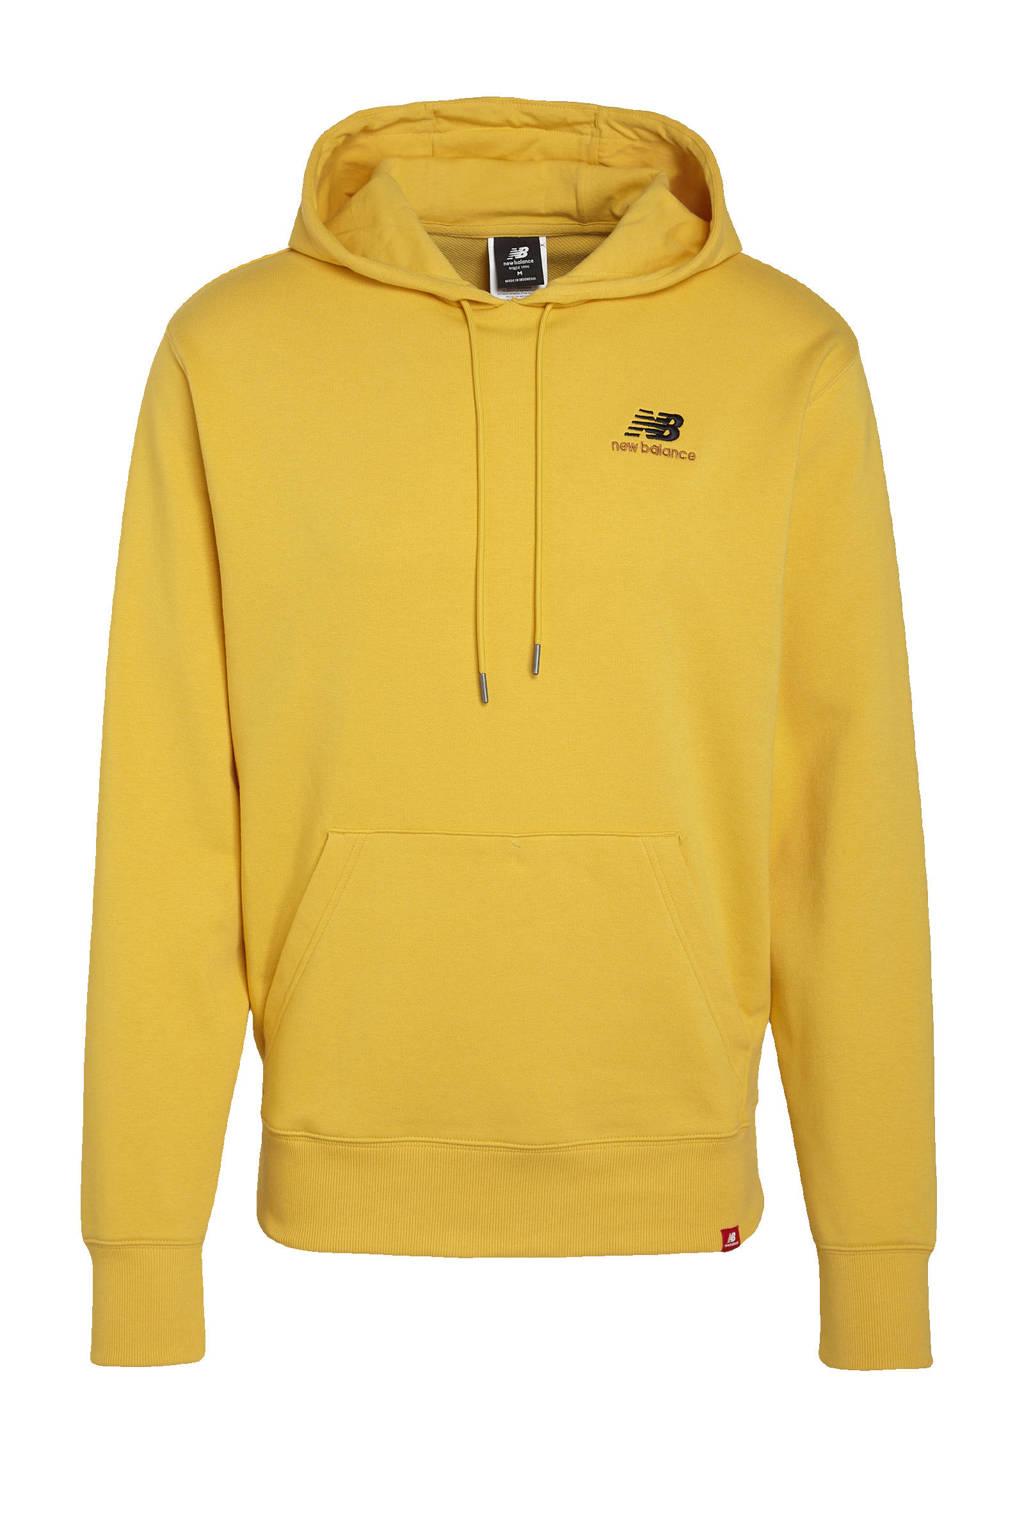 New Balance hoodie geel, Geel